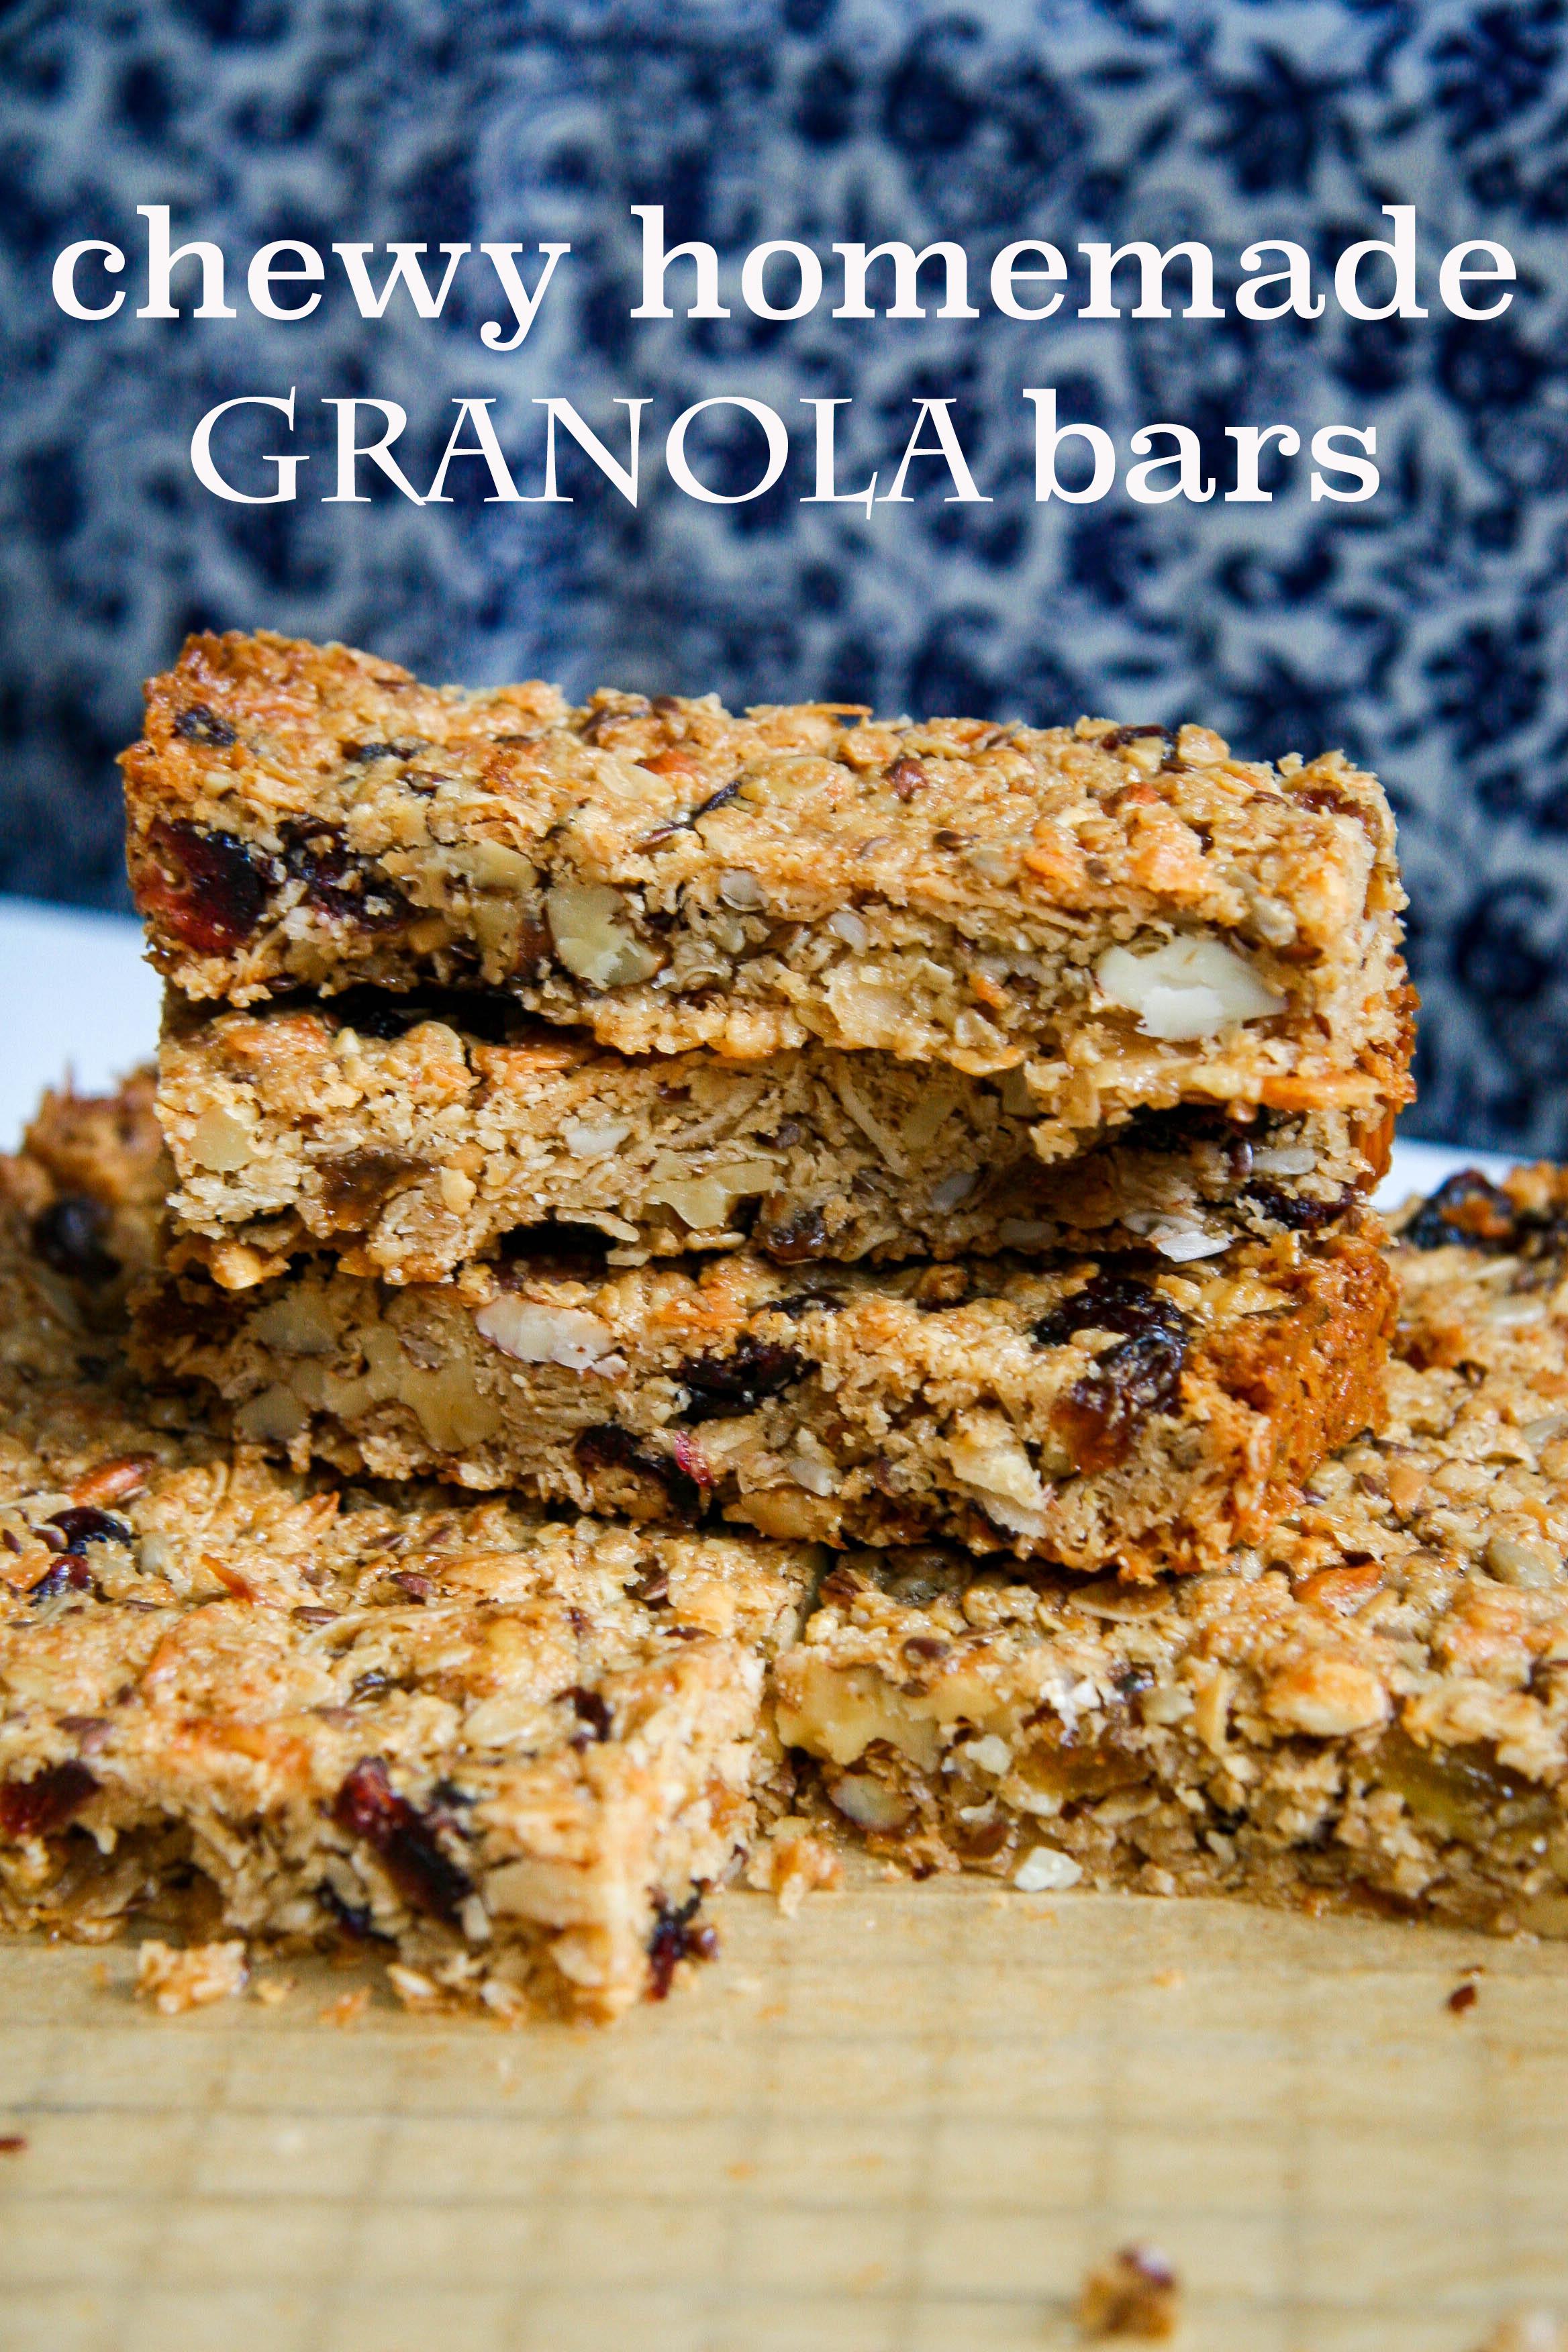 chewy-homemade-granola-nature-bars-recipe-13